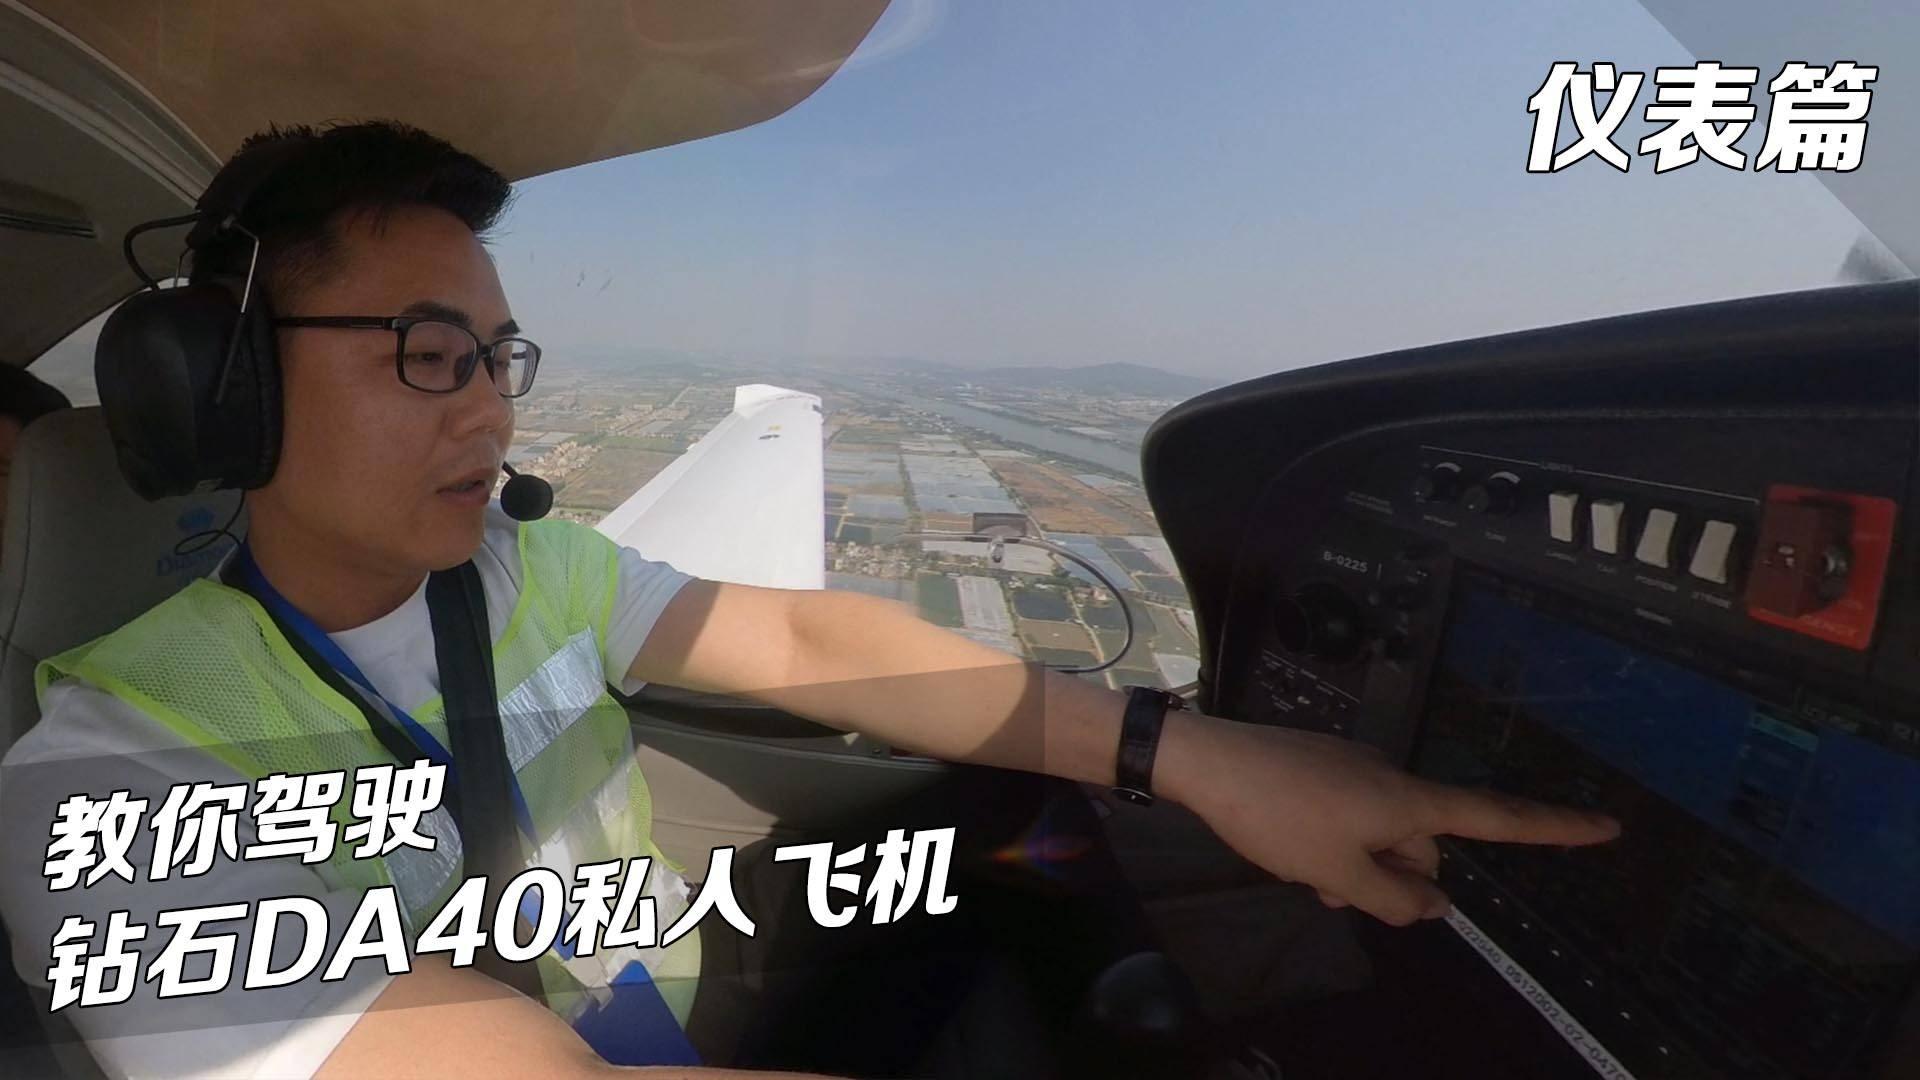 教你驾驶钻石DA40私人飞机-仪表篇!